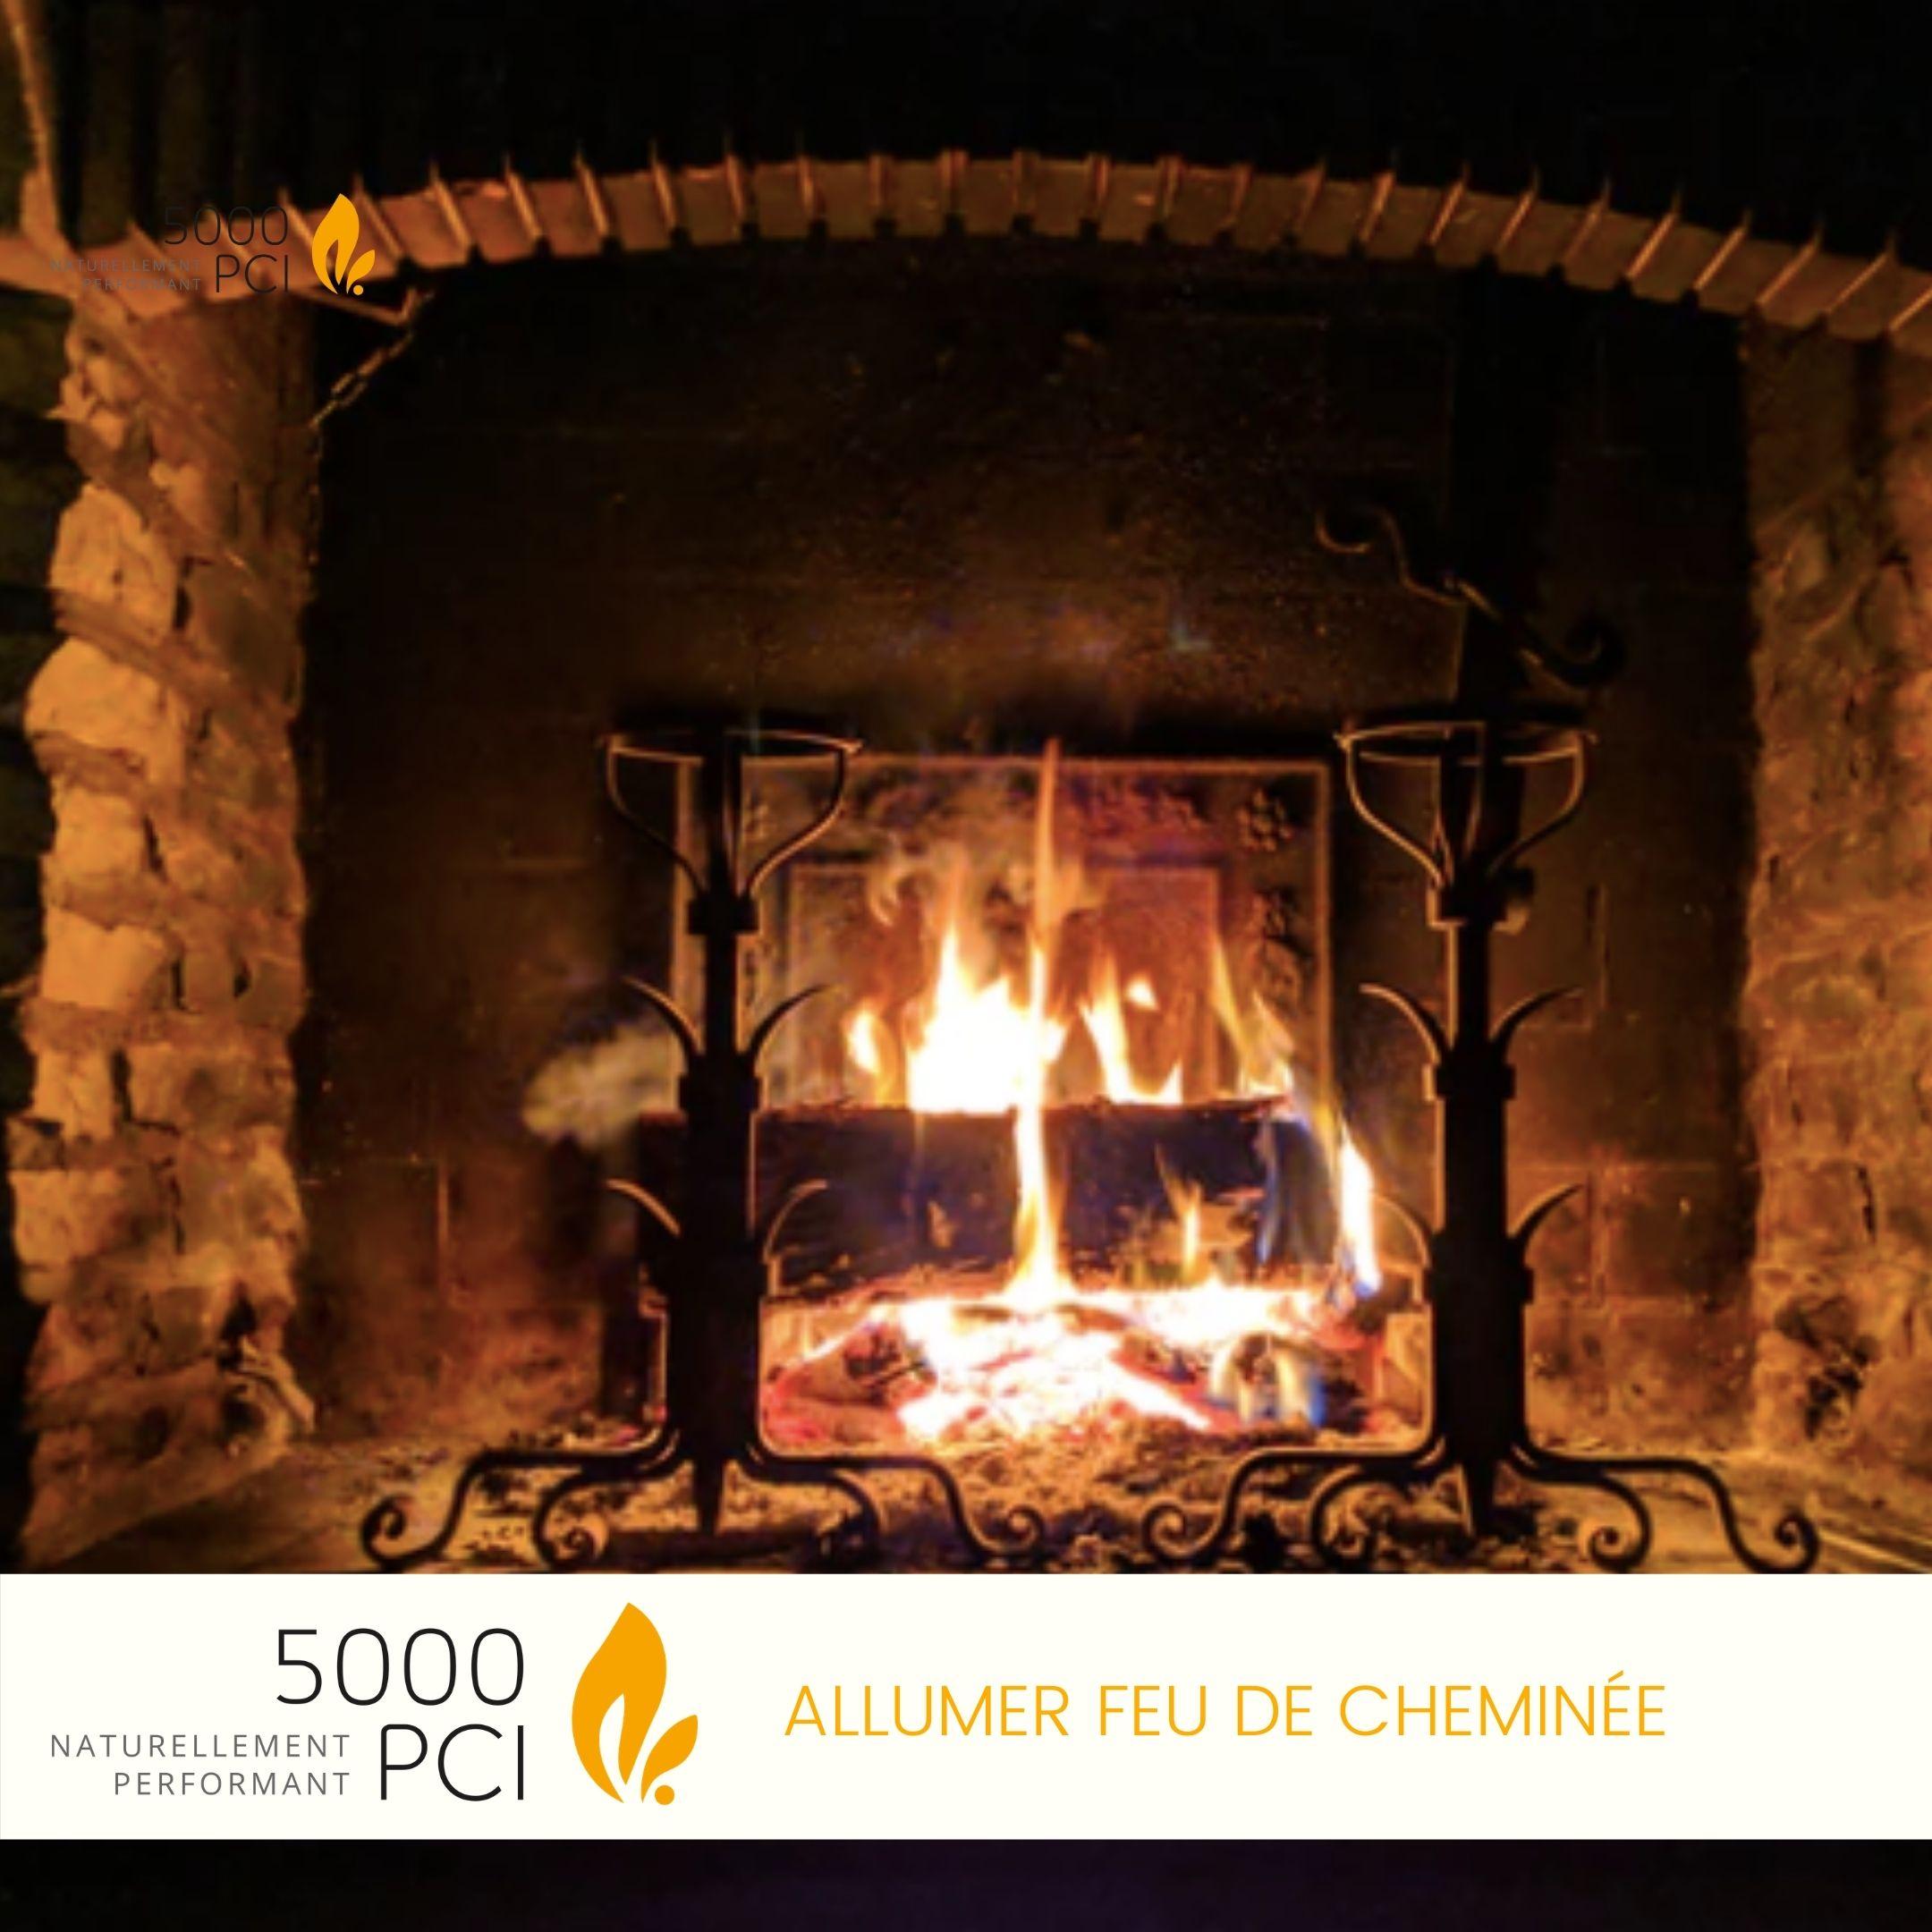 Allumer, feu, cheminée, bois, chauffage